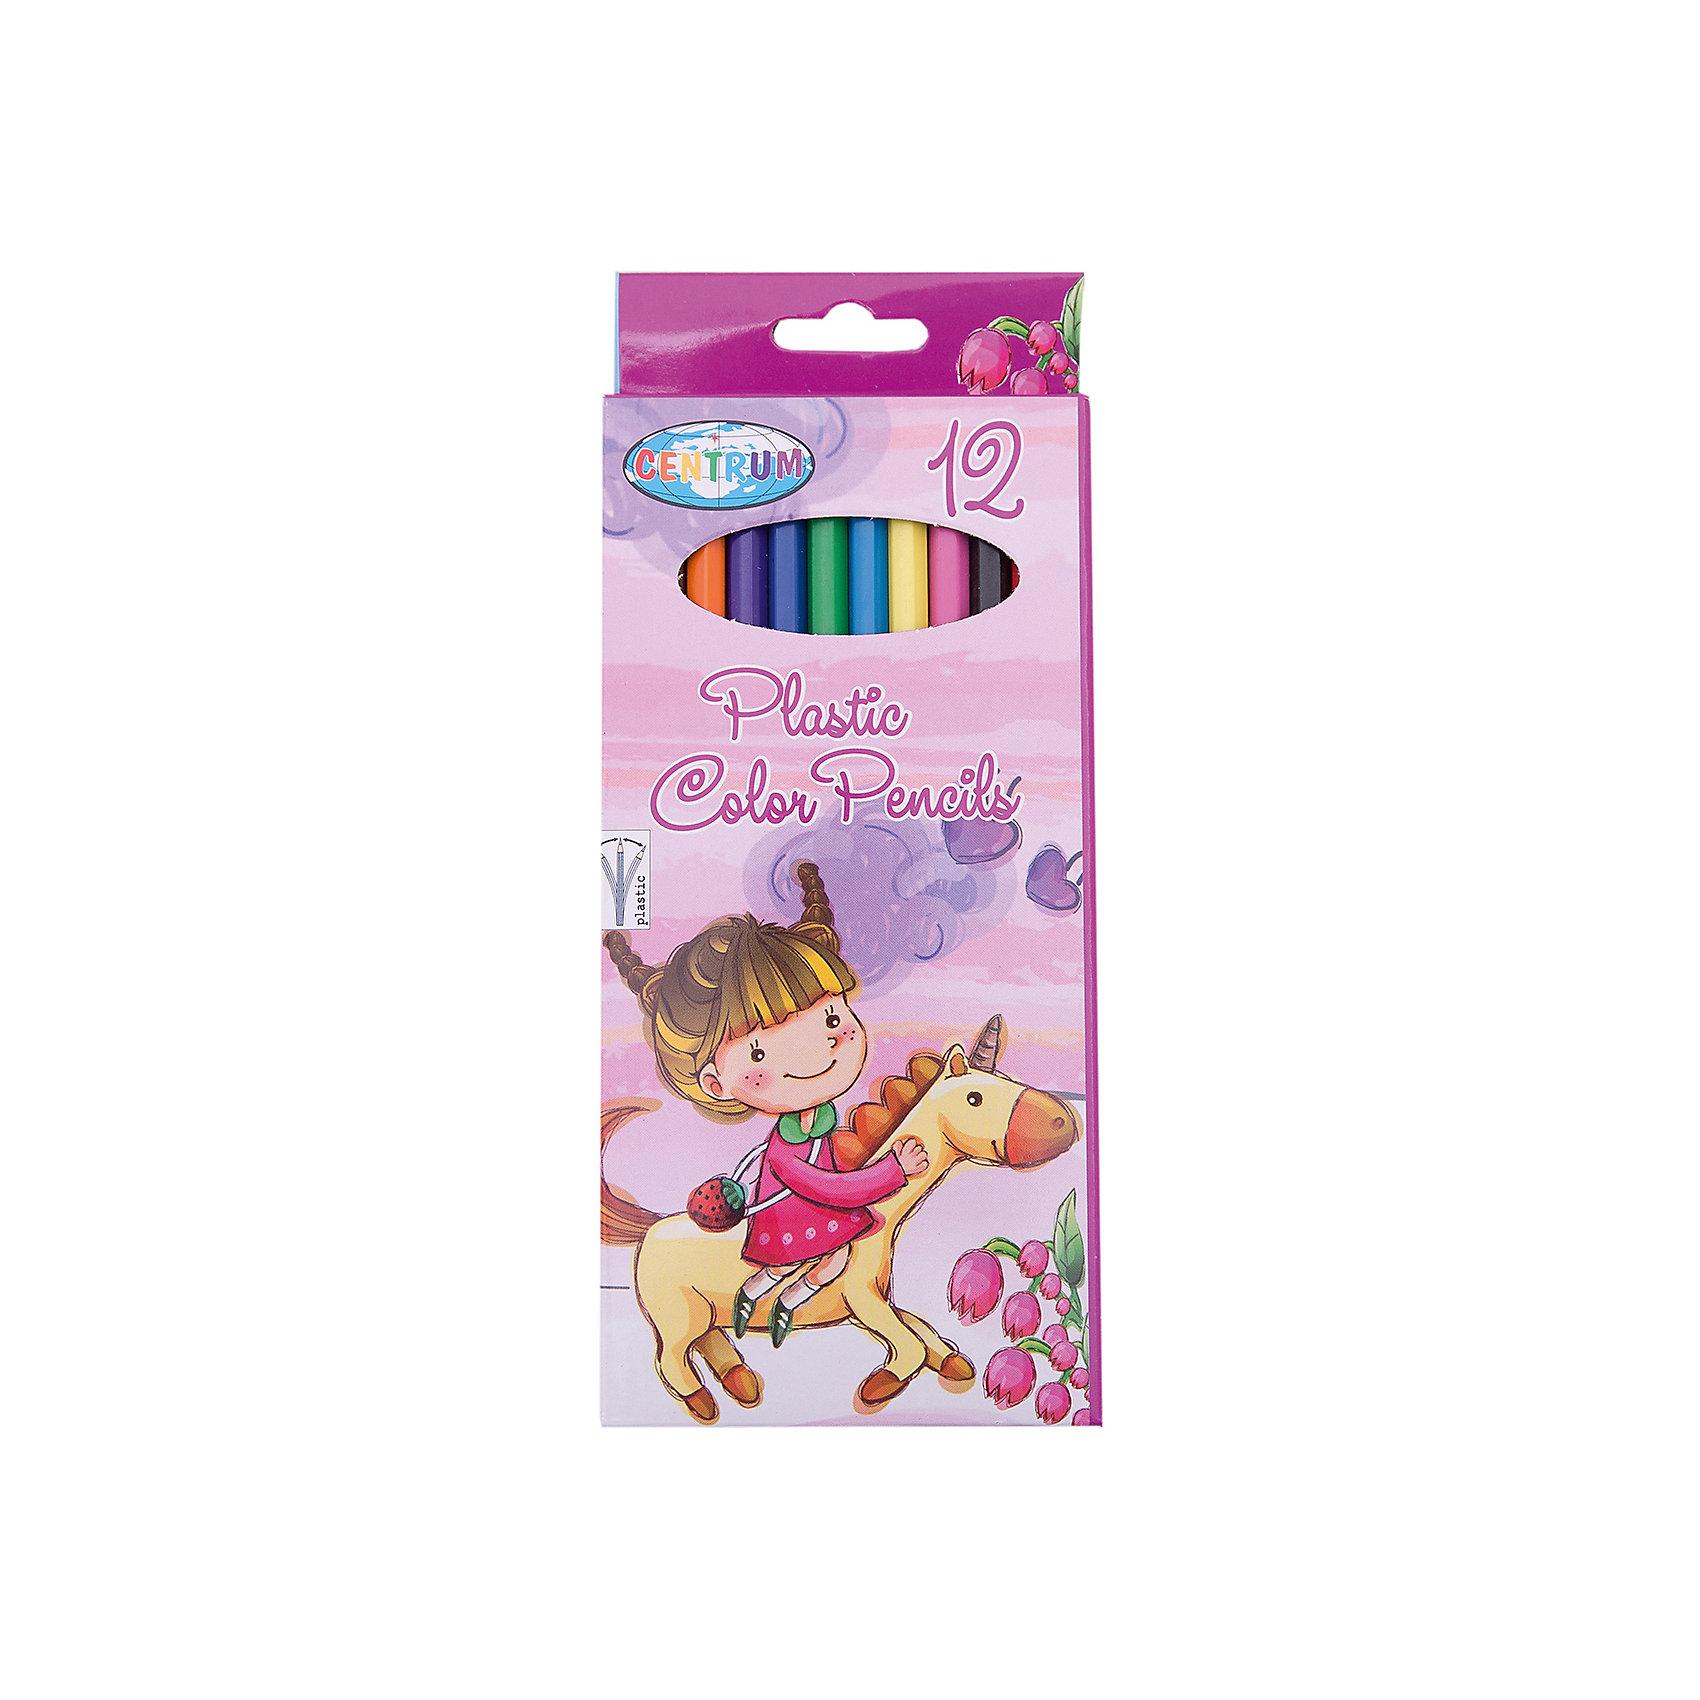 Длинные цветные карандаши Единорог, 12 цветовЦветные<br>Длинные цветные карандаши Единорог, 12 цветов<br><br>Характеристики:<br><br>- в набор входит: 12 карандашей <br>- состав: пластик, картон<br>- длина карандашей: 17,7 см. <br>- размер упаковки: 24 * 1 * 12 см.<br>- для детей в возрасте: от 3 до 10 лет<br>- страна производитель: Китай<br><br>Набор цветных карандашей с рисунком девочки и единорога понравится девчушкам. Немецкая компания Centrum (Центрум) специализируется на товарах для детского творчества и развития. Яркая коробочка выполнена из картона и отлично вмещает все карандаши, не позволяя им разбегаться по столу или школьному ранцу. Сами карандаши выполнены из пластика, уже заточены, имеют мягкую структуру грифеля и рисуют яркие линии без сильного нажатия. Классические двенадцать цветов помогут нарисовать самый лучший шедевр и просто отлично провести время. Рисование карандашами разрабатывает моторику ручек, творческие способности, успокаивает, помогает развить аккуратность и внимание. <br><br>Длинные цветные карандаши Единорог, 12 цветов можно купить в нашем интернет-магазине.<br><br>Ширина мм: 8<br>Глубина мм: 90<br>Высота мм: 200<br>Вес г: 95<br>Возраст от месяцев: 36<br>Возраст до месяцев: 120<br>Пол: Женский<br>Возраст: Детский<br>SKU: 5175449